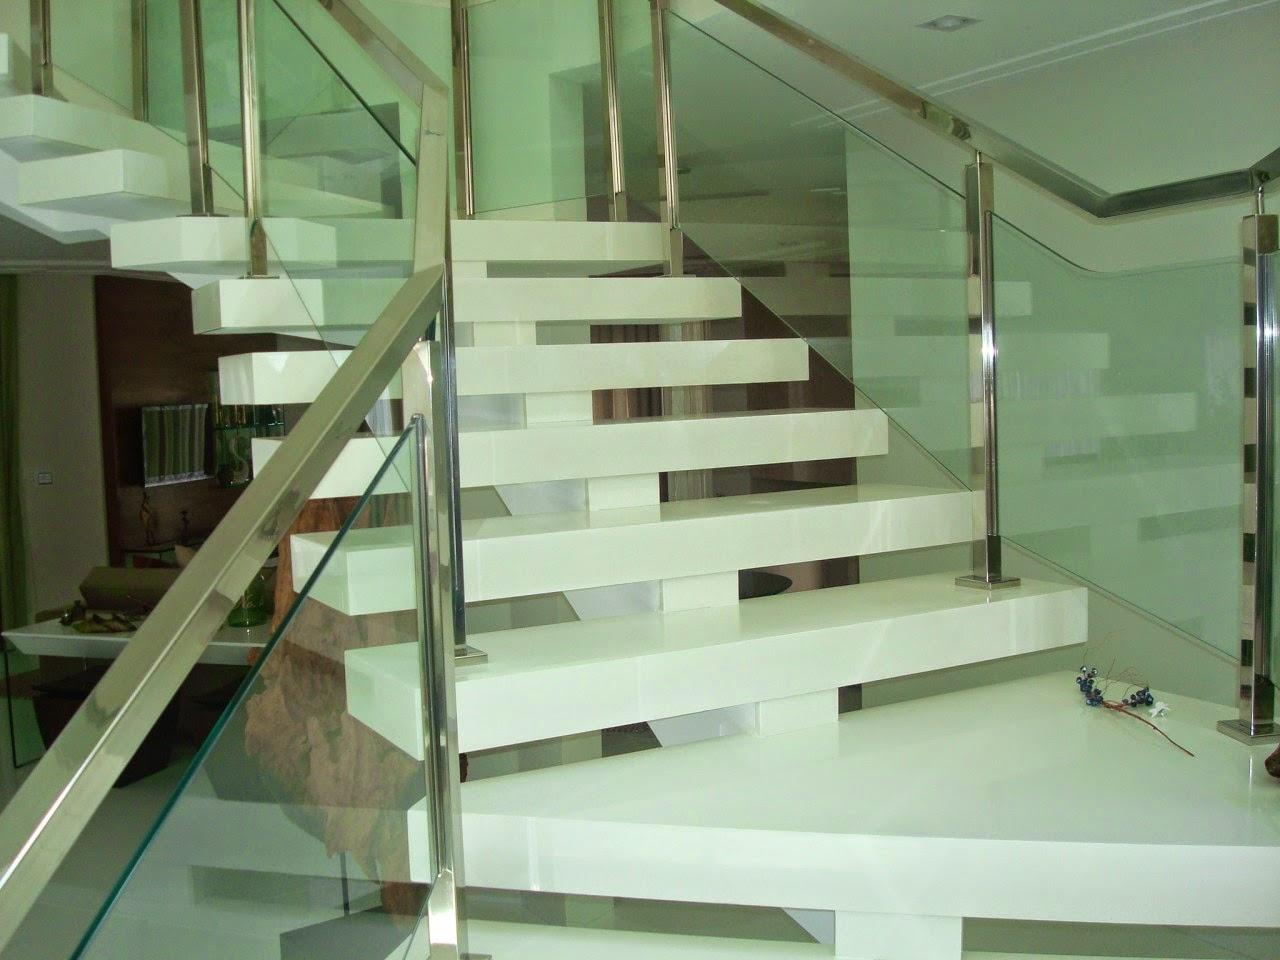 marfil resolvemos colocar aglostone branco prime para dar um destaque #5D4C33 1280x960 Banheiro Branco Prime